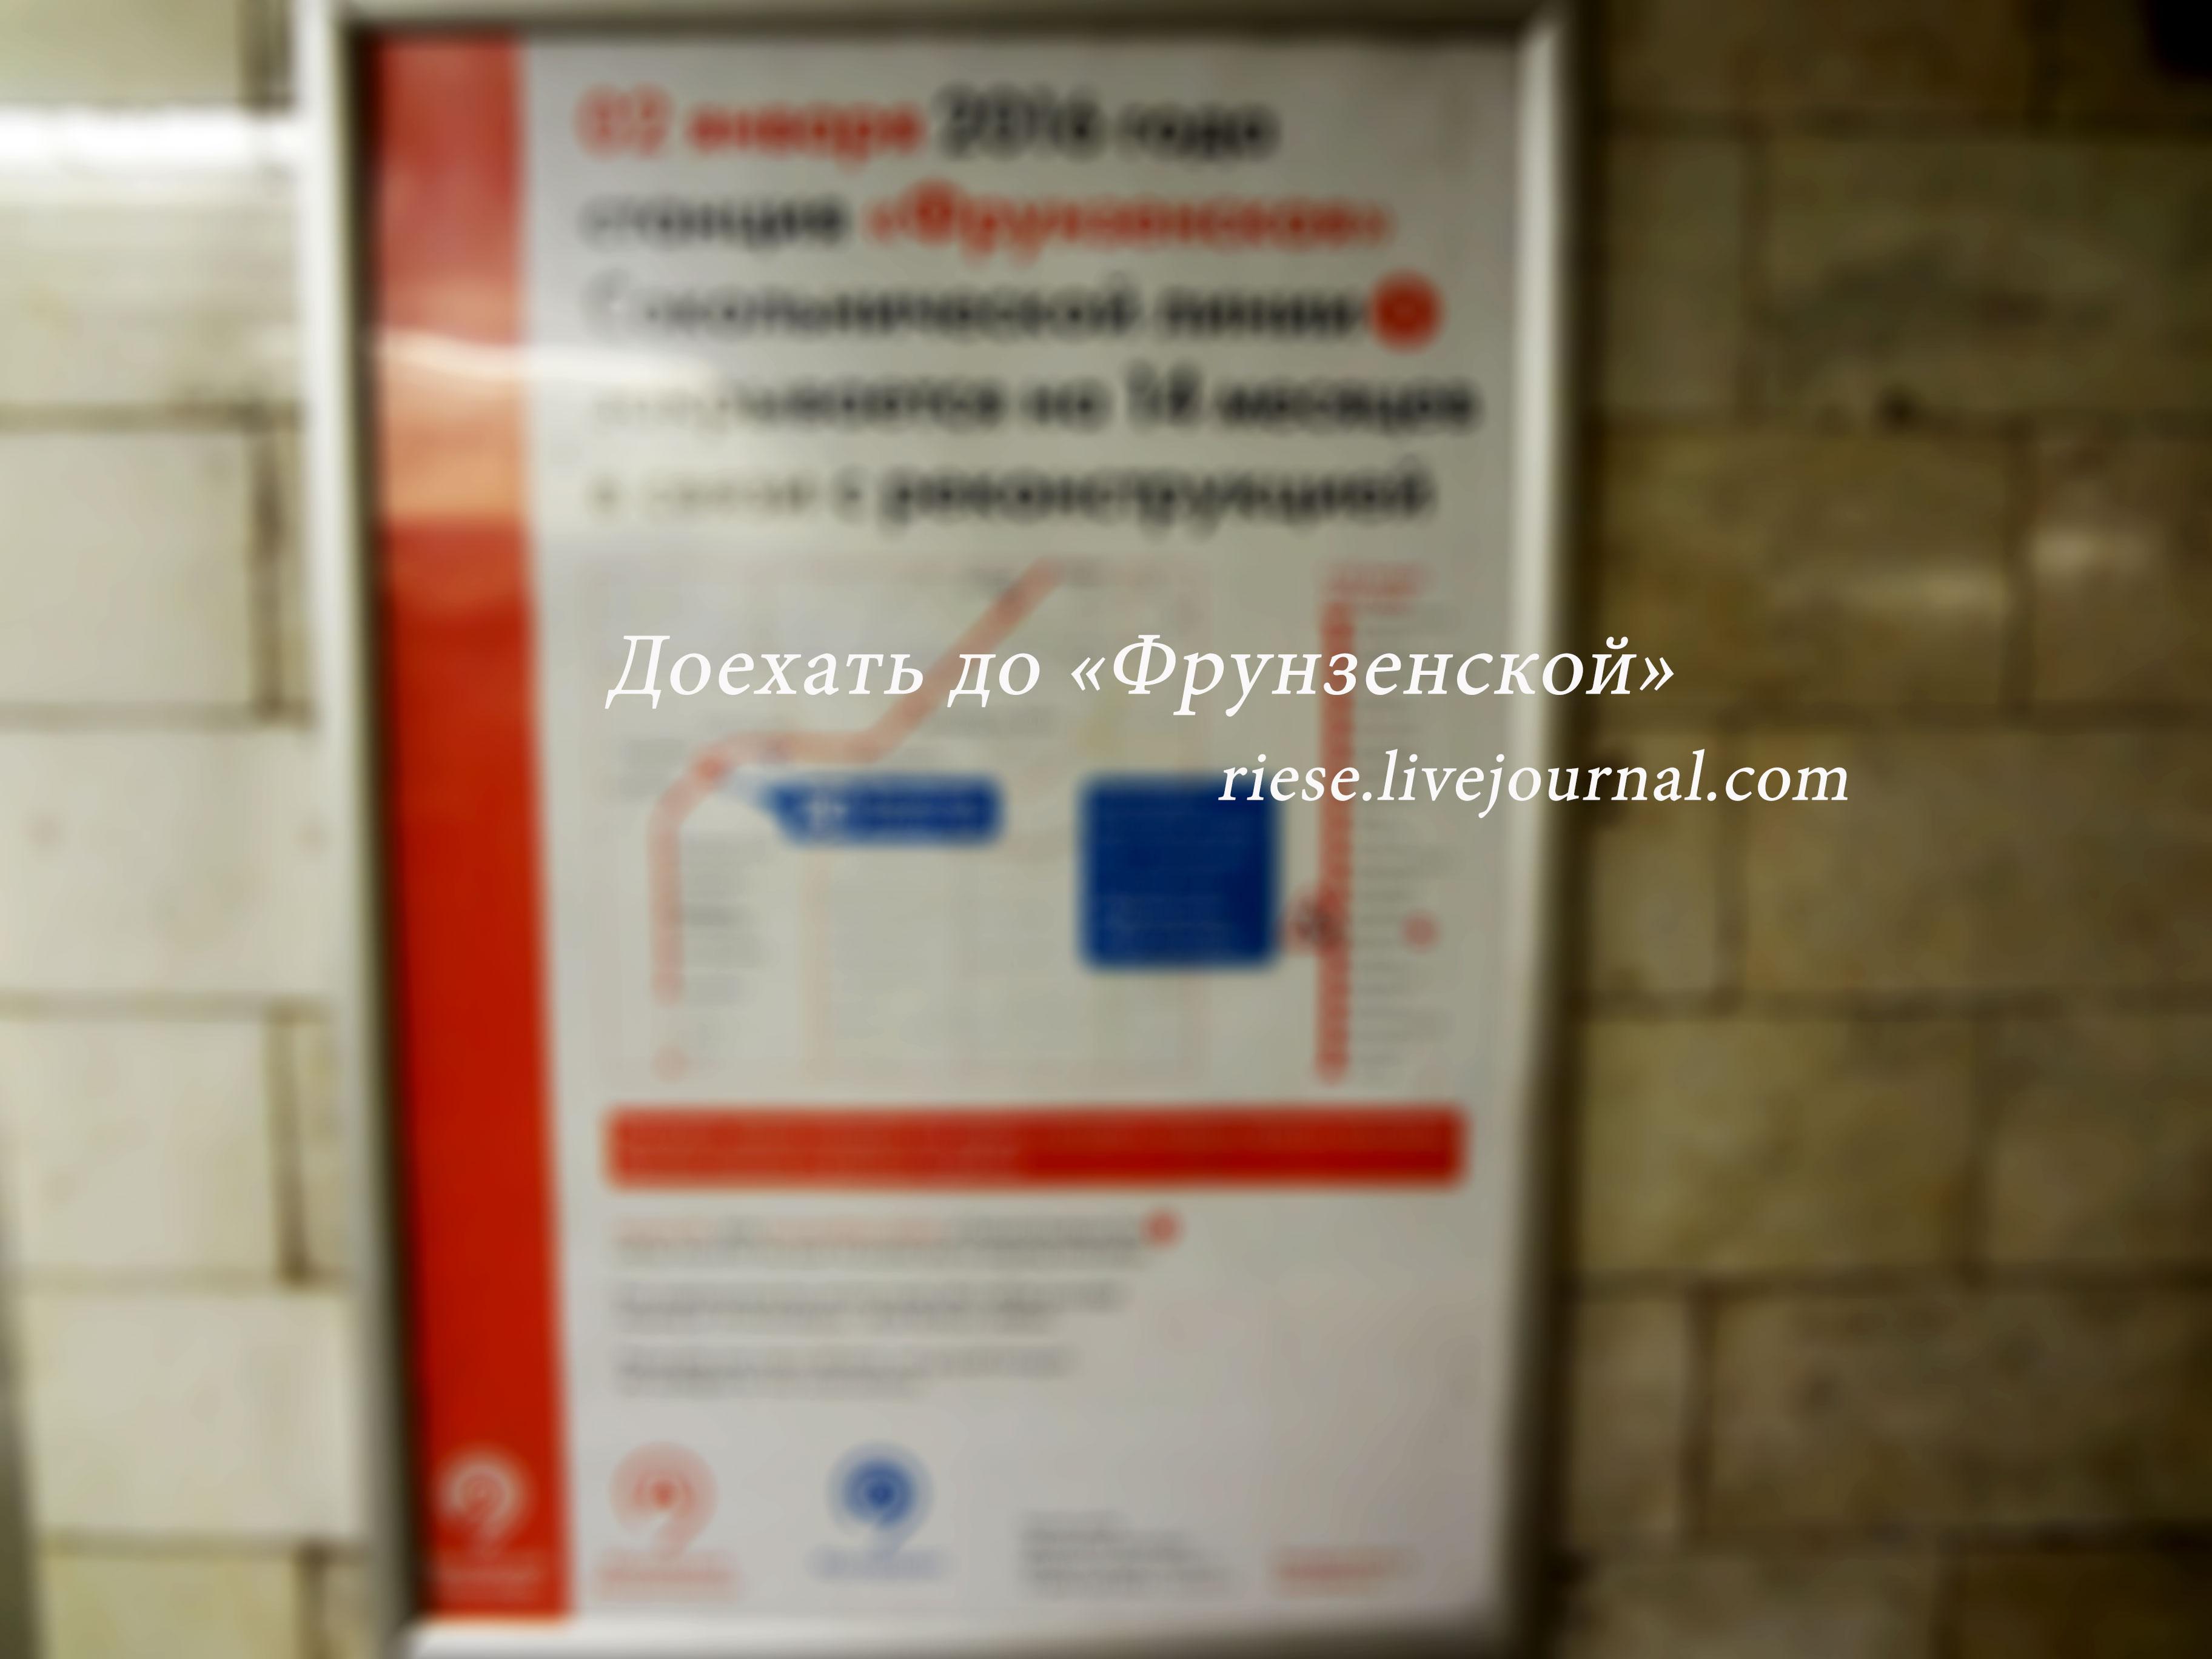 Закрытие Фрунзенской